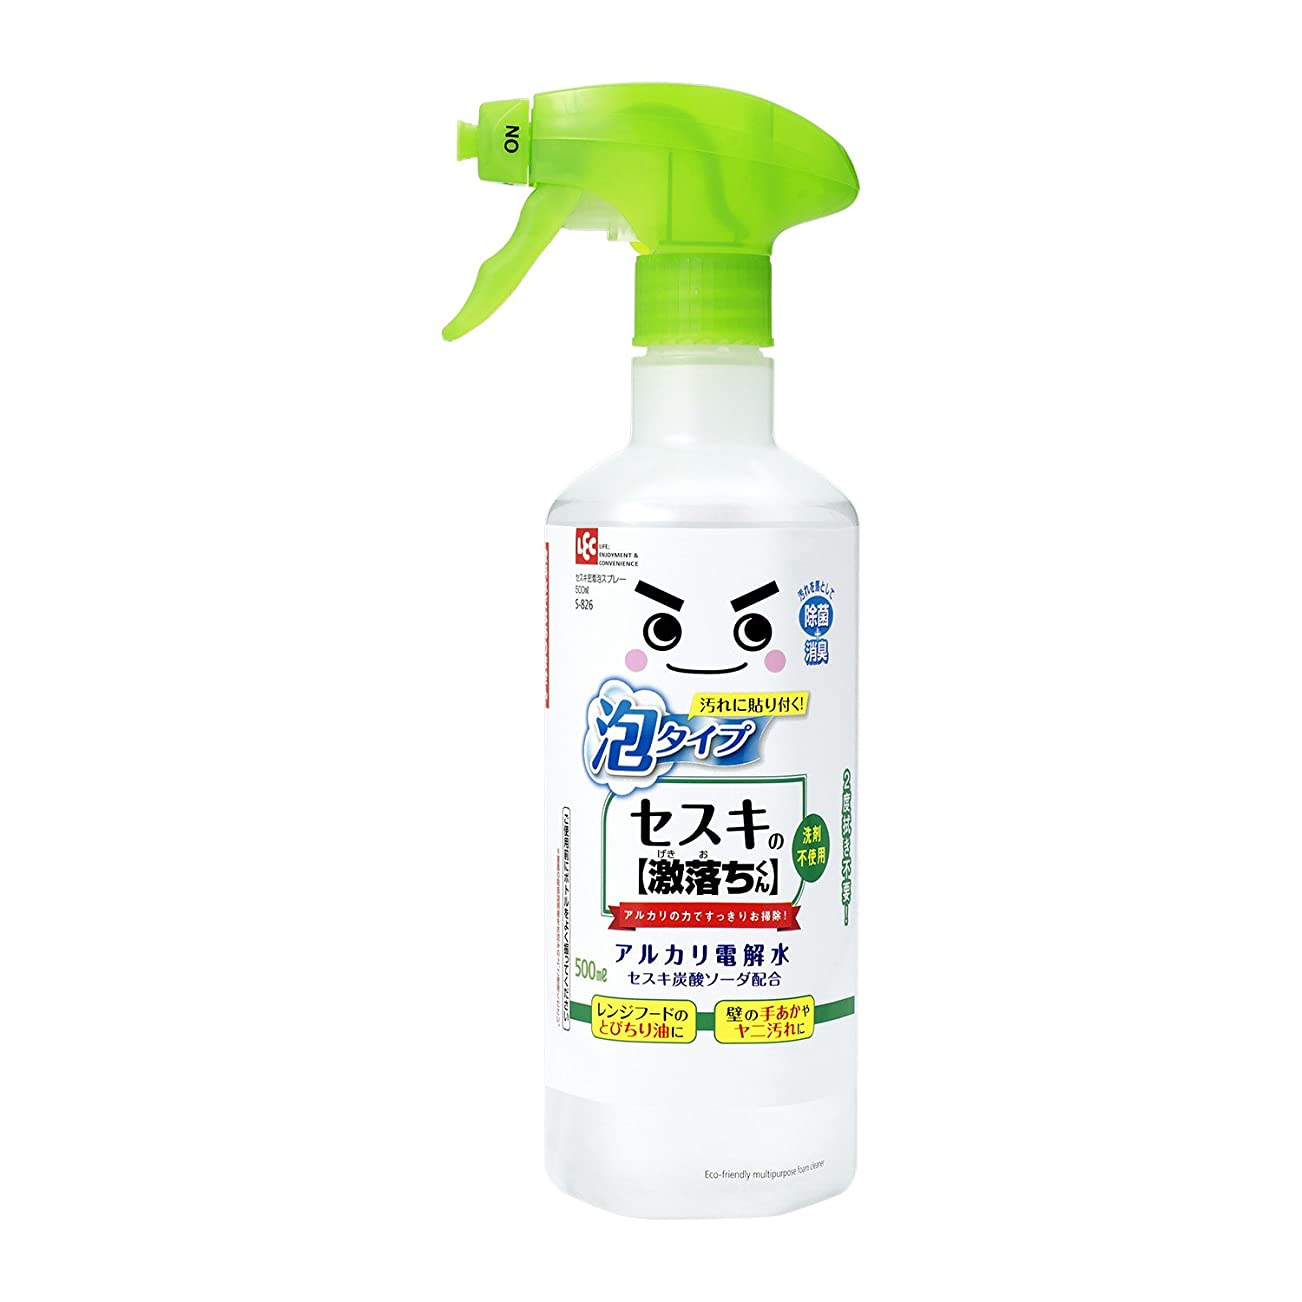 難しい局ヤギセスキの激落ちくん 密着泡スプレー 洗剤 500ml ( アルカリ電解水 + セスキ炭酸ソーダ )